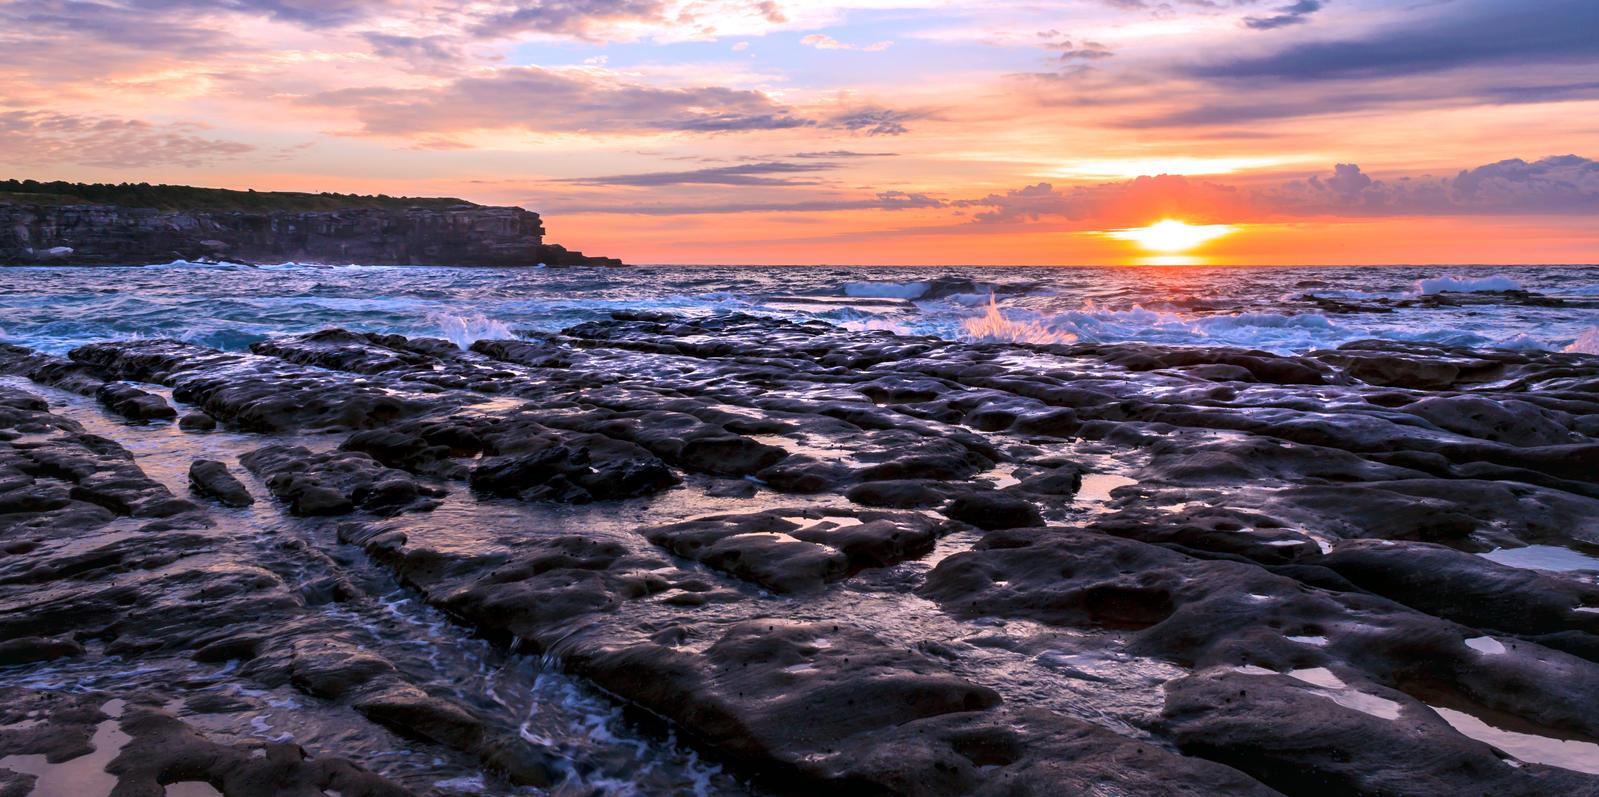 The Sun breaks on the rocky shore by TarJakArt